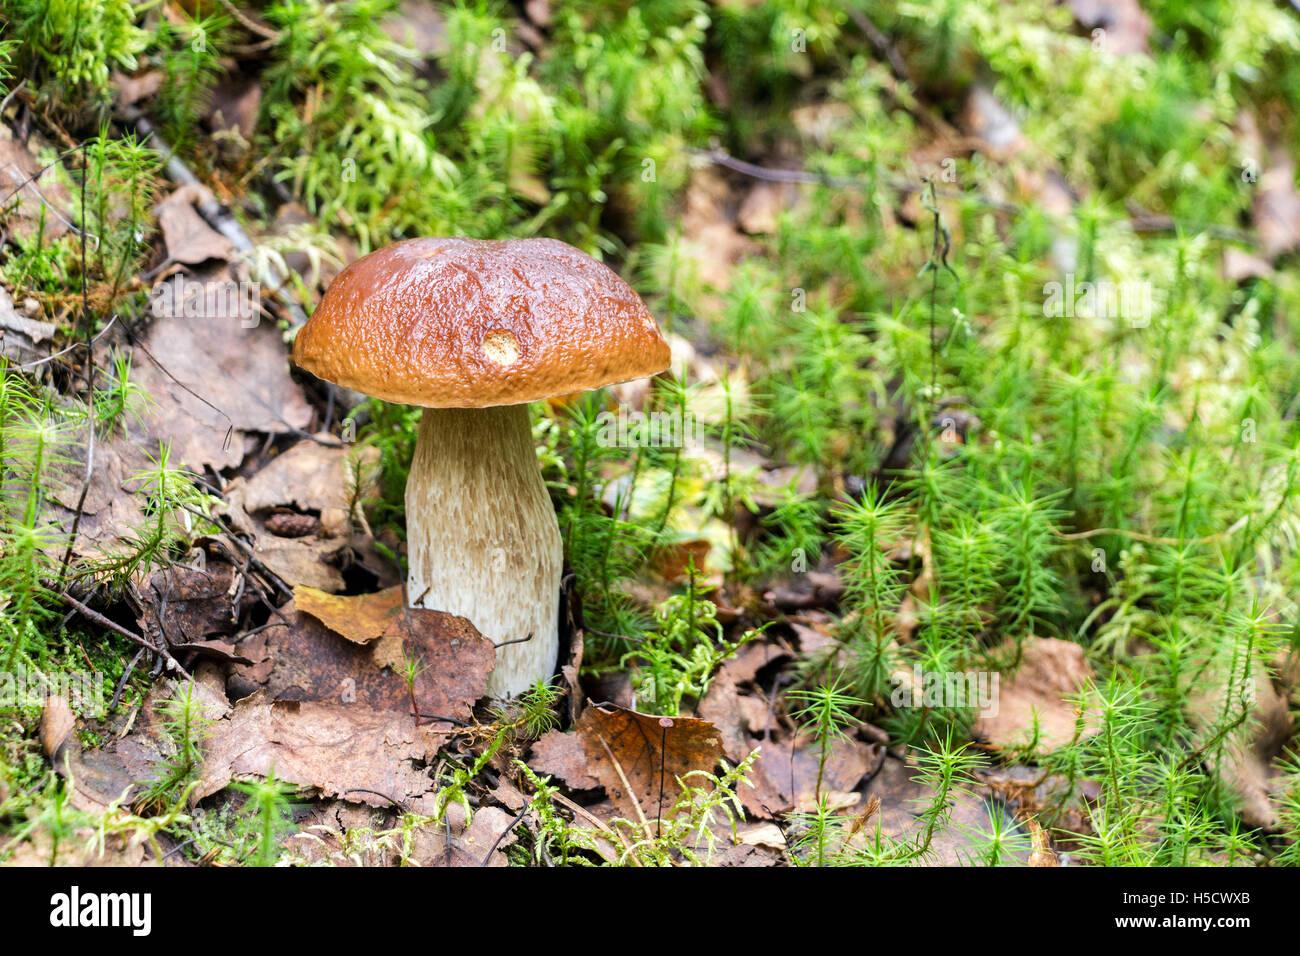 Champignons comestibles des forêts avec cap brun dans l'herbe verte Photo Stock